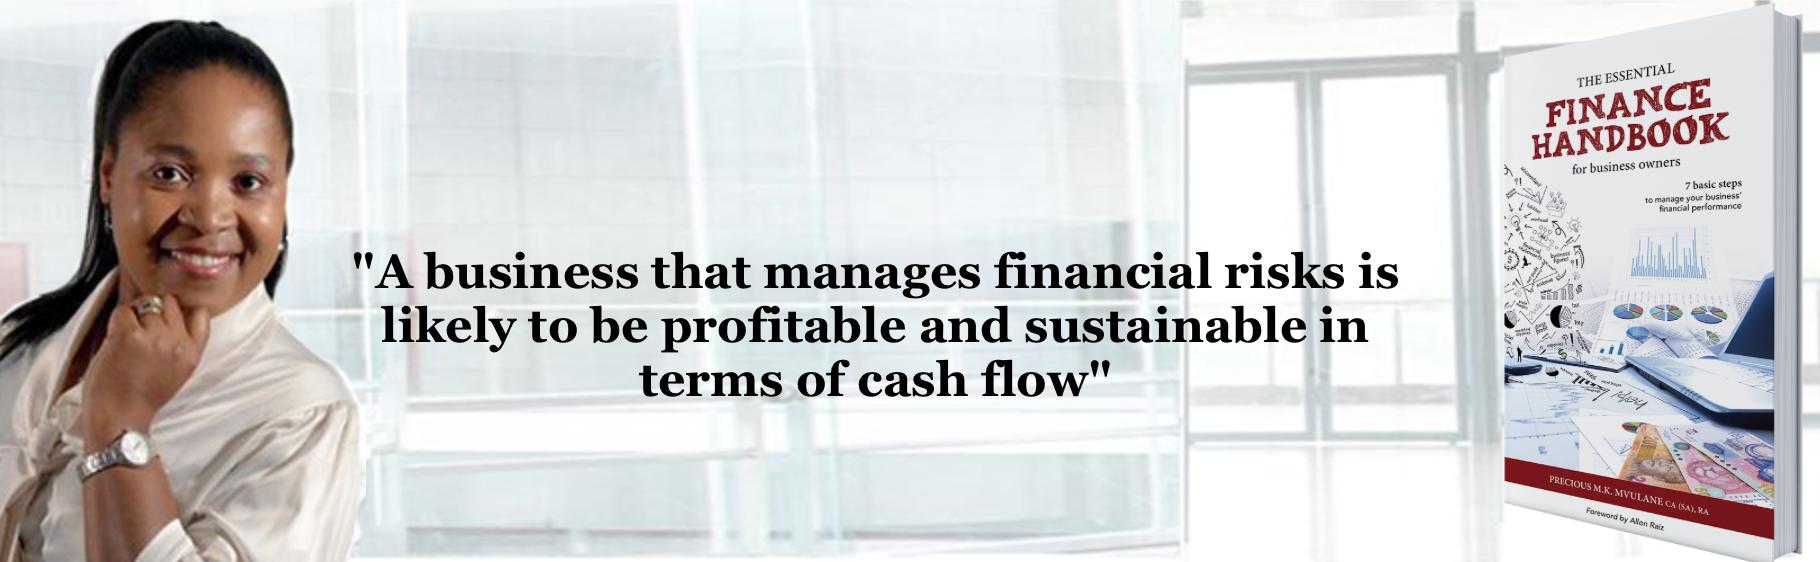 Precious MK Mvulane , author of The Essential Finance Handbook